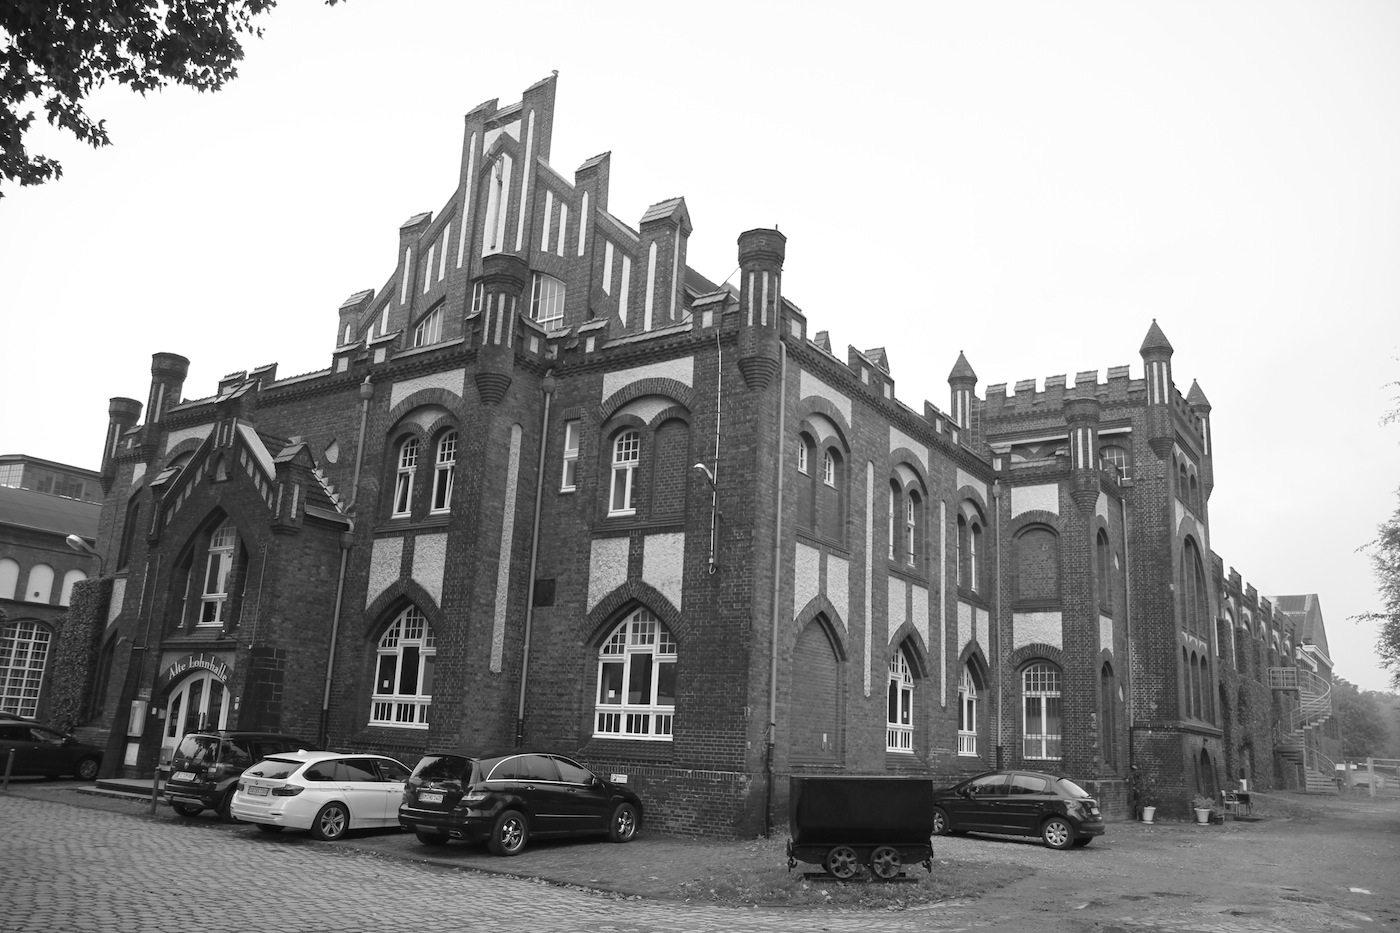 Alte Lohnhalle.  Das 17-Zimmer Hotel Alte Lohnhalle wird von Anna Kruljac und ihrem Team betrieben.